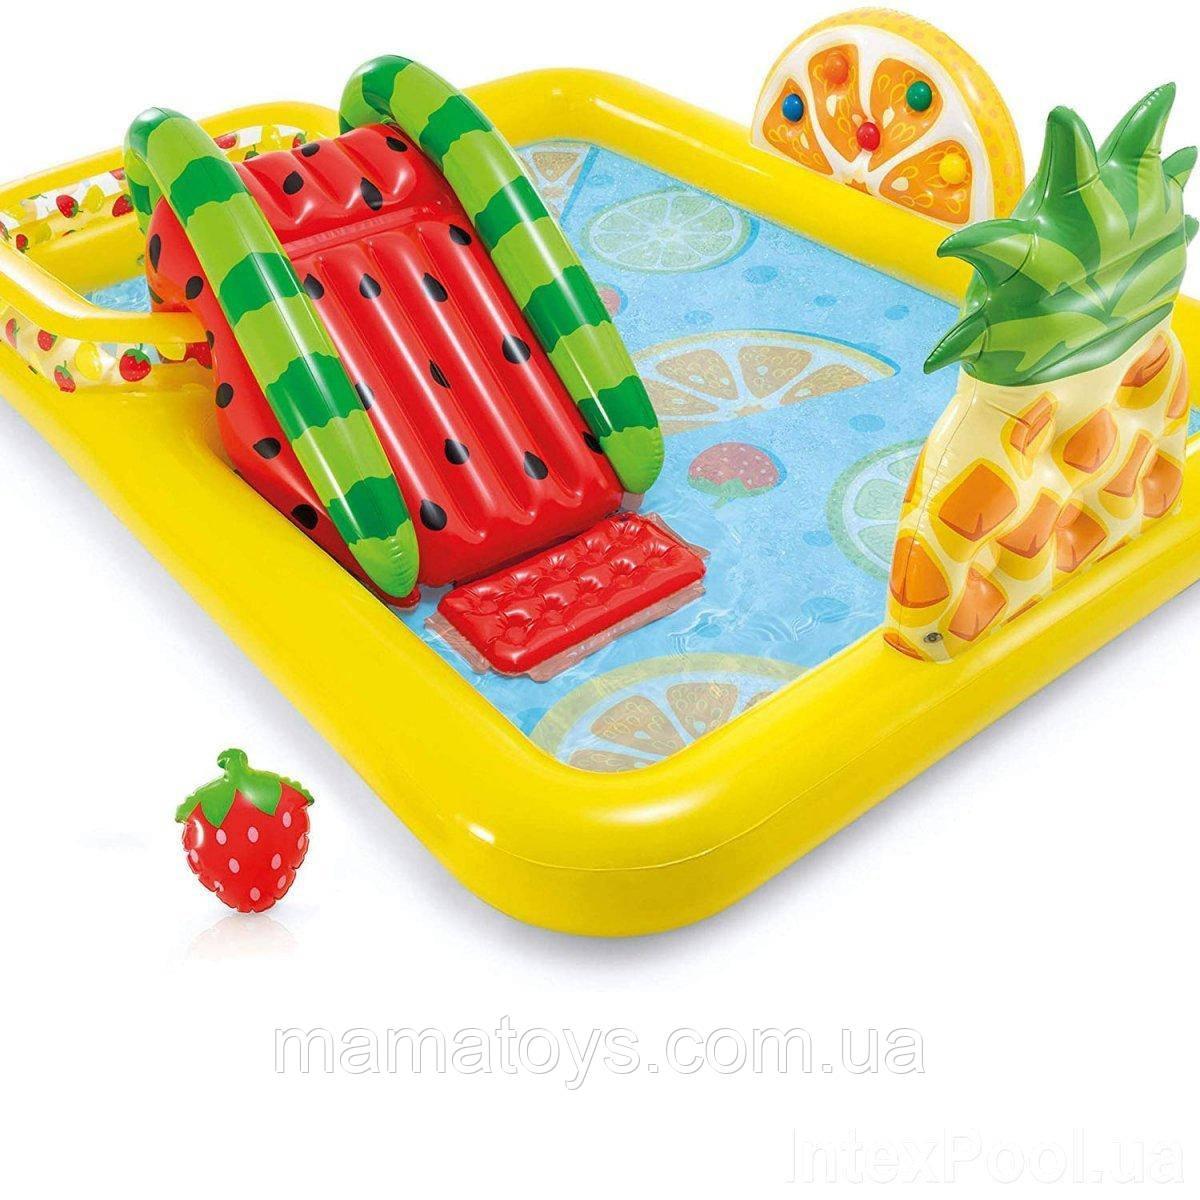 Детский надувной бассейн игровой центр 57158 Intex Веселый фрукт, 244 x 191 x 91 см, с горкой, от 2-х лет